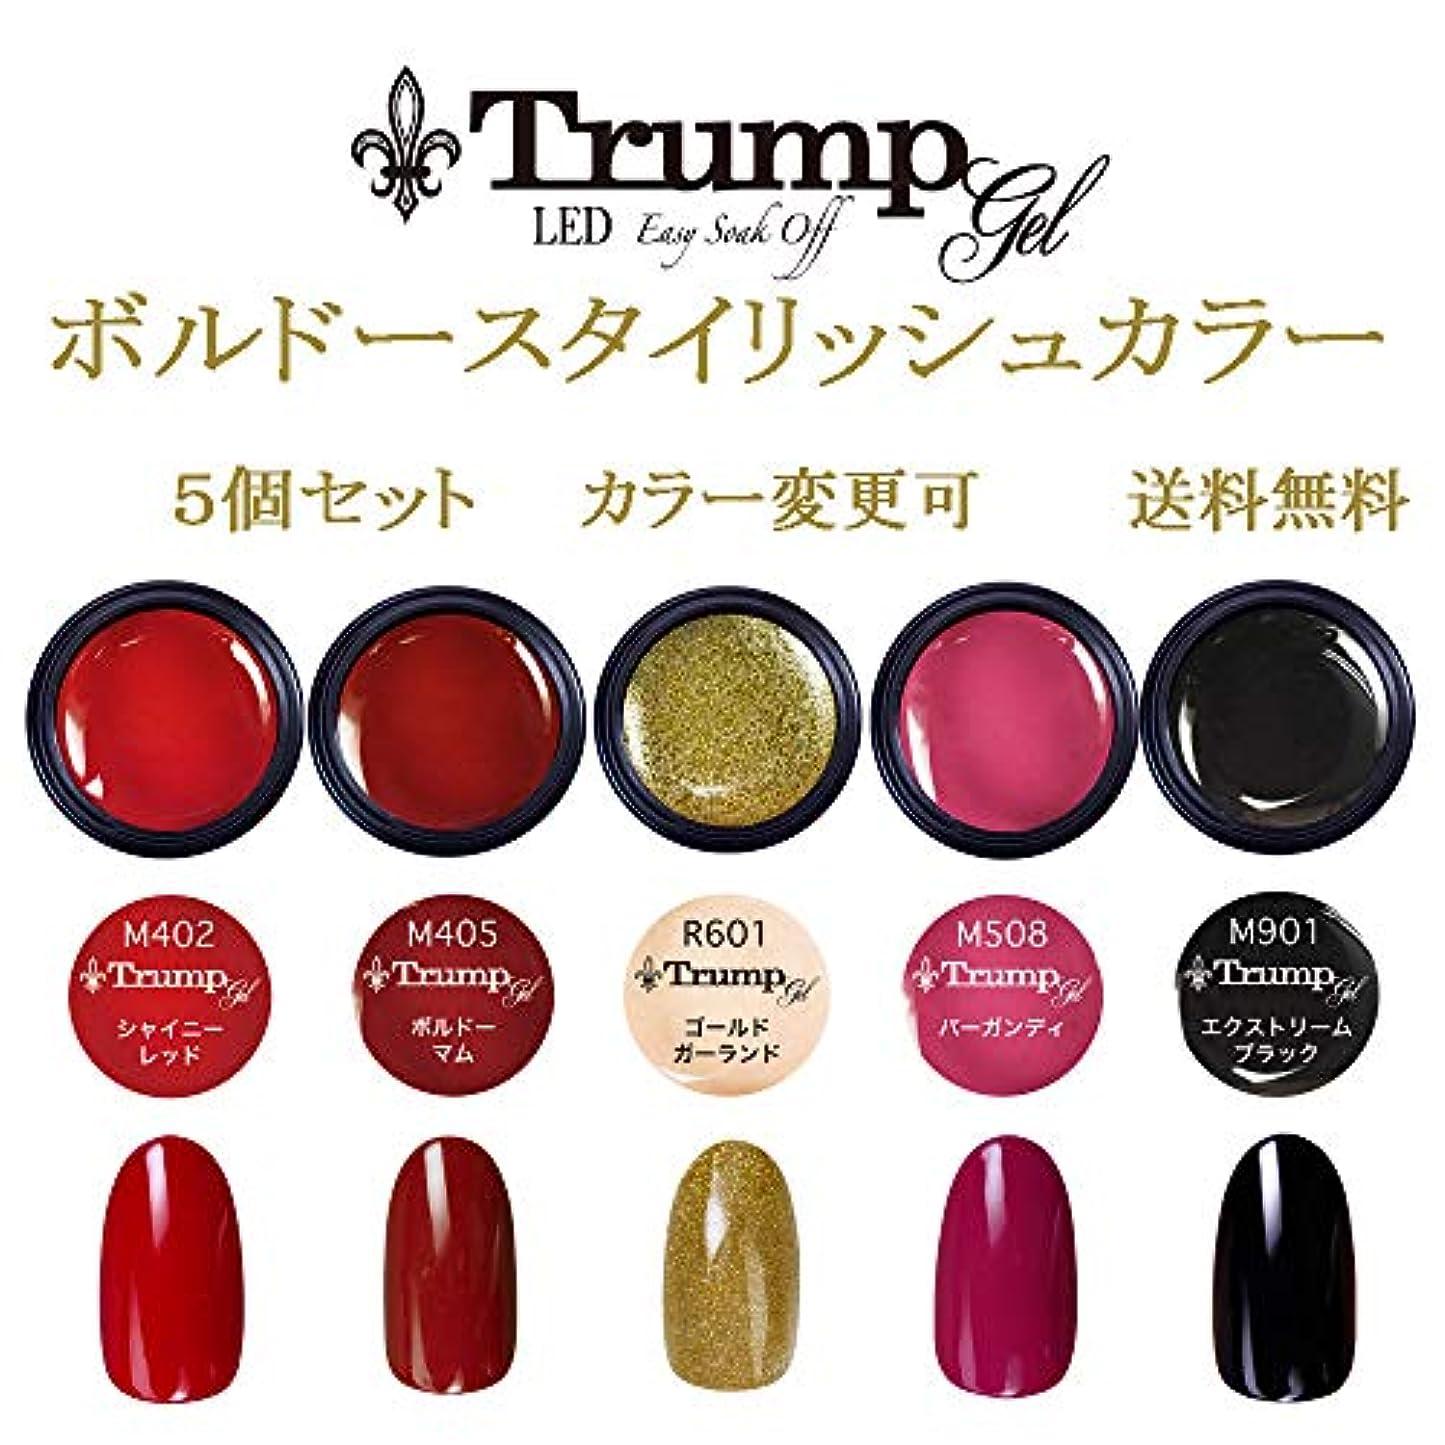 適度なチーフ発音【送料無料】日本製 Trump gel ボルドースタイリッシュカラージェル5個セット ボルドーカラー スタイリッシュ クリスマス カラー